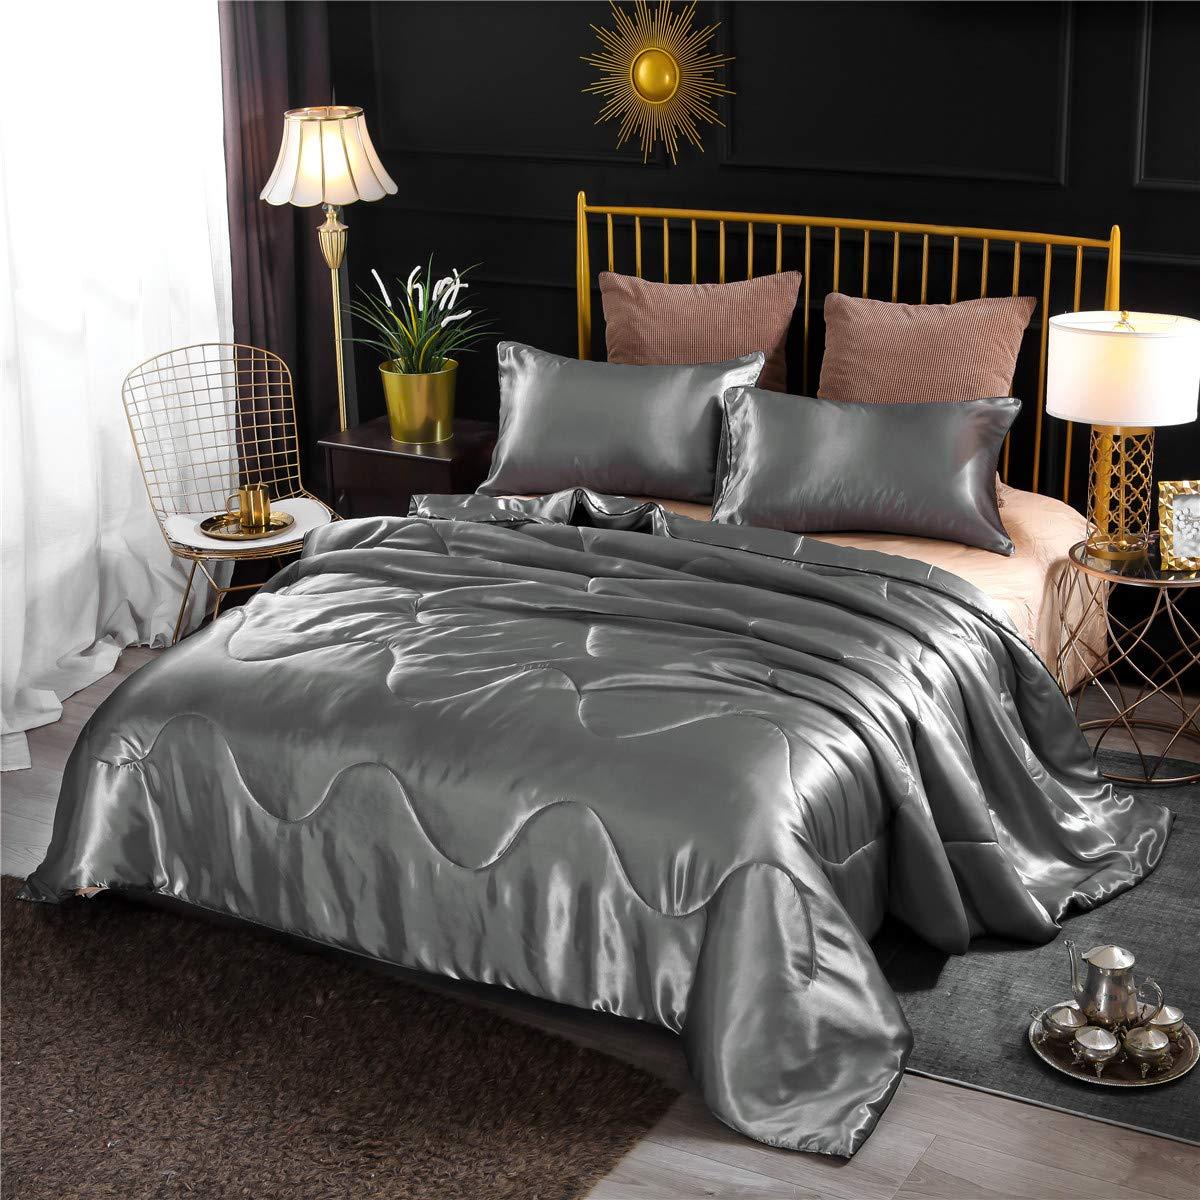 Comforter Sets Queen.New Luxury Satin Comforter Set Queen Soft Silky Quilted Bedding